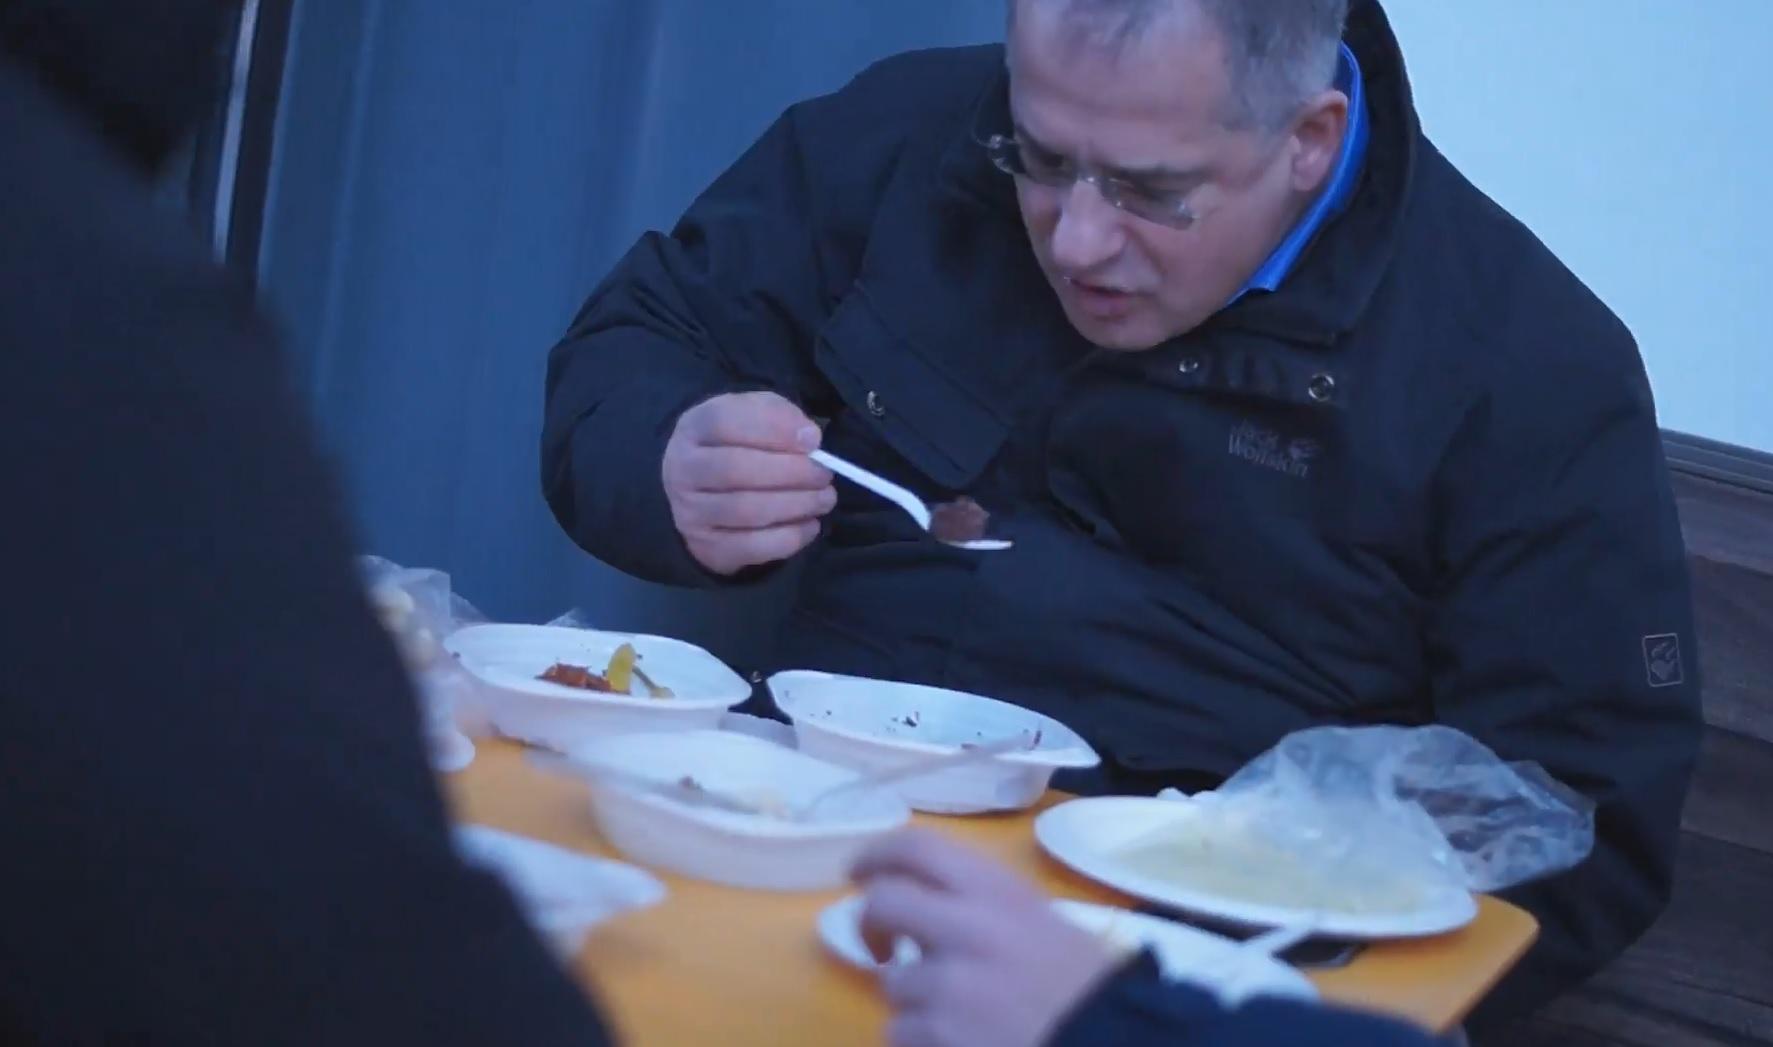 Kósa Lajos a hajléktalannak: Nagy butaság kint aludni az utcán